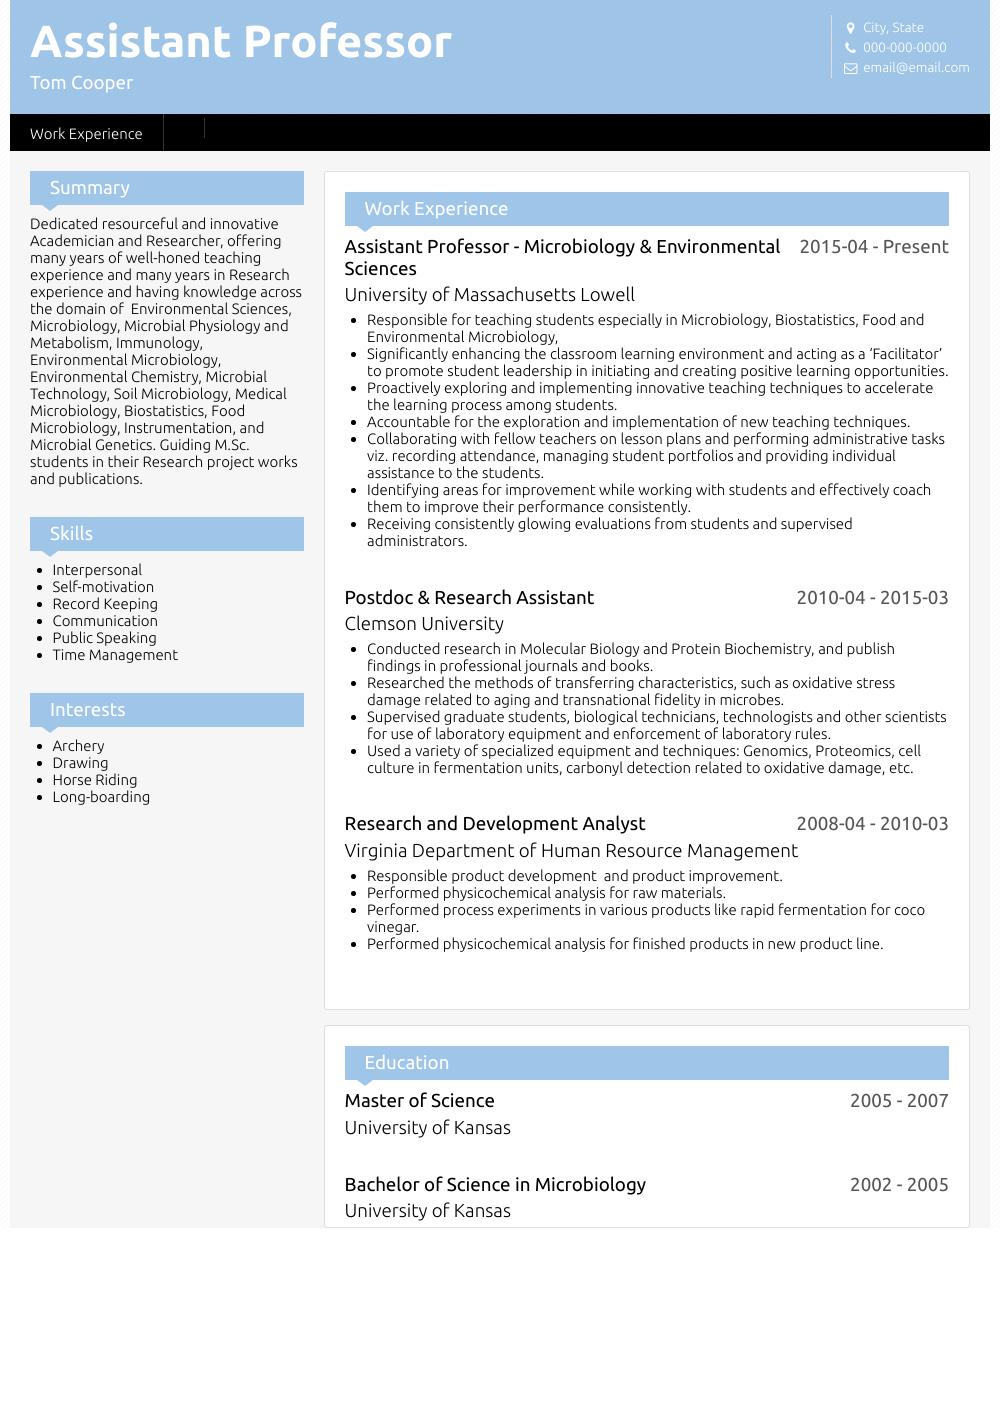 resume cv professor